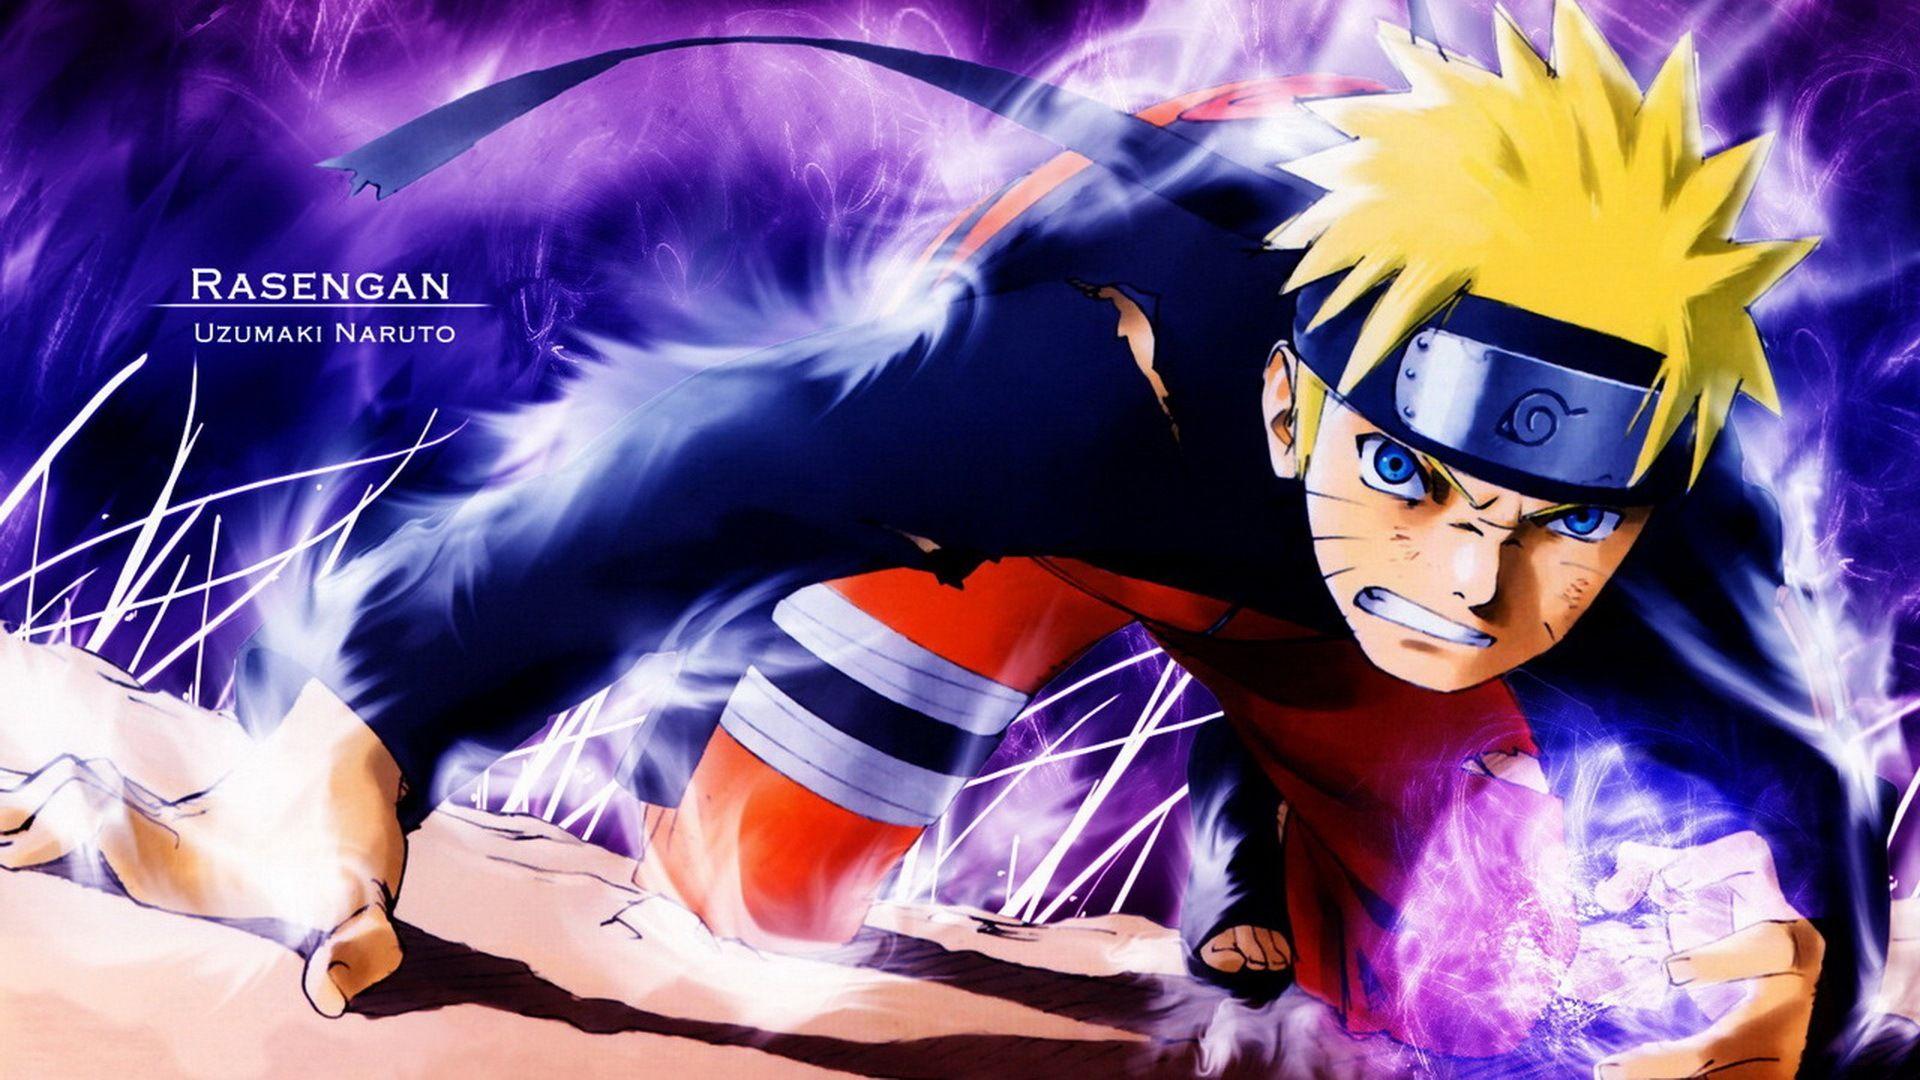 Wallpaper Gambar Naruto Keren Abis Top Anime Wallpaper In 2020 Naruto Pictures Wallpaper Naruto Shippuden Naruto Wallpaper